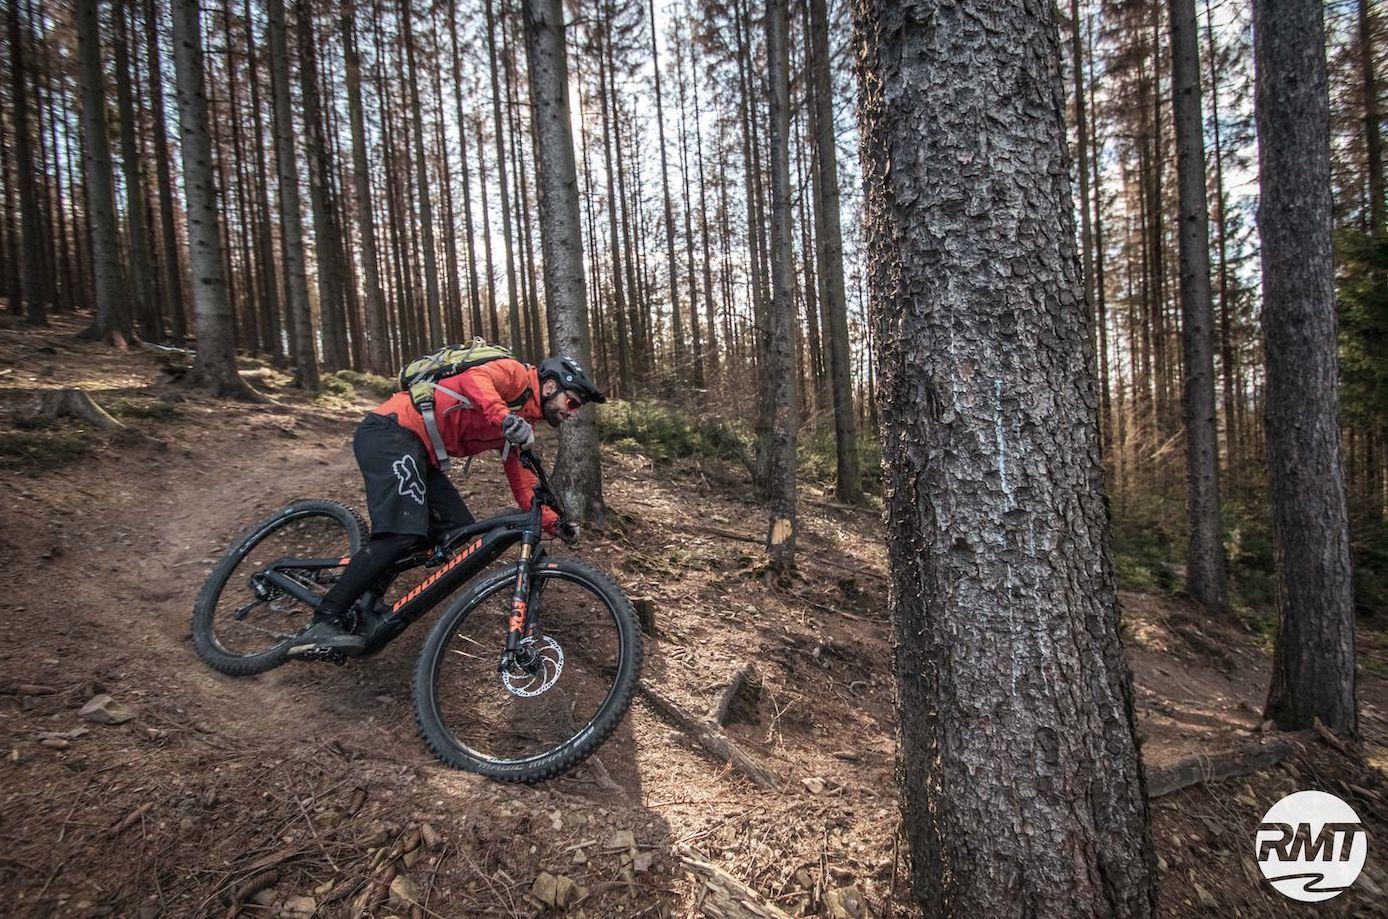 MTB Fahrtechnik Kurs Fortgeschrittene in Eschweiler - Aachen Rheinland - Mountainbike Fortgeschritten - Rock my Trail Bikeschule GmbH